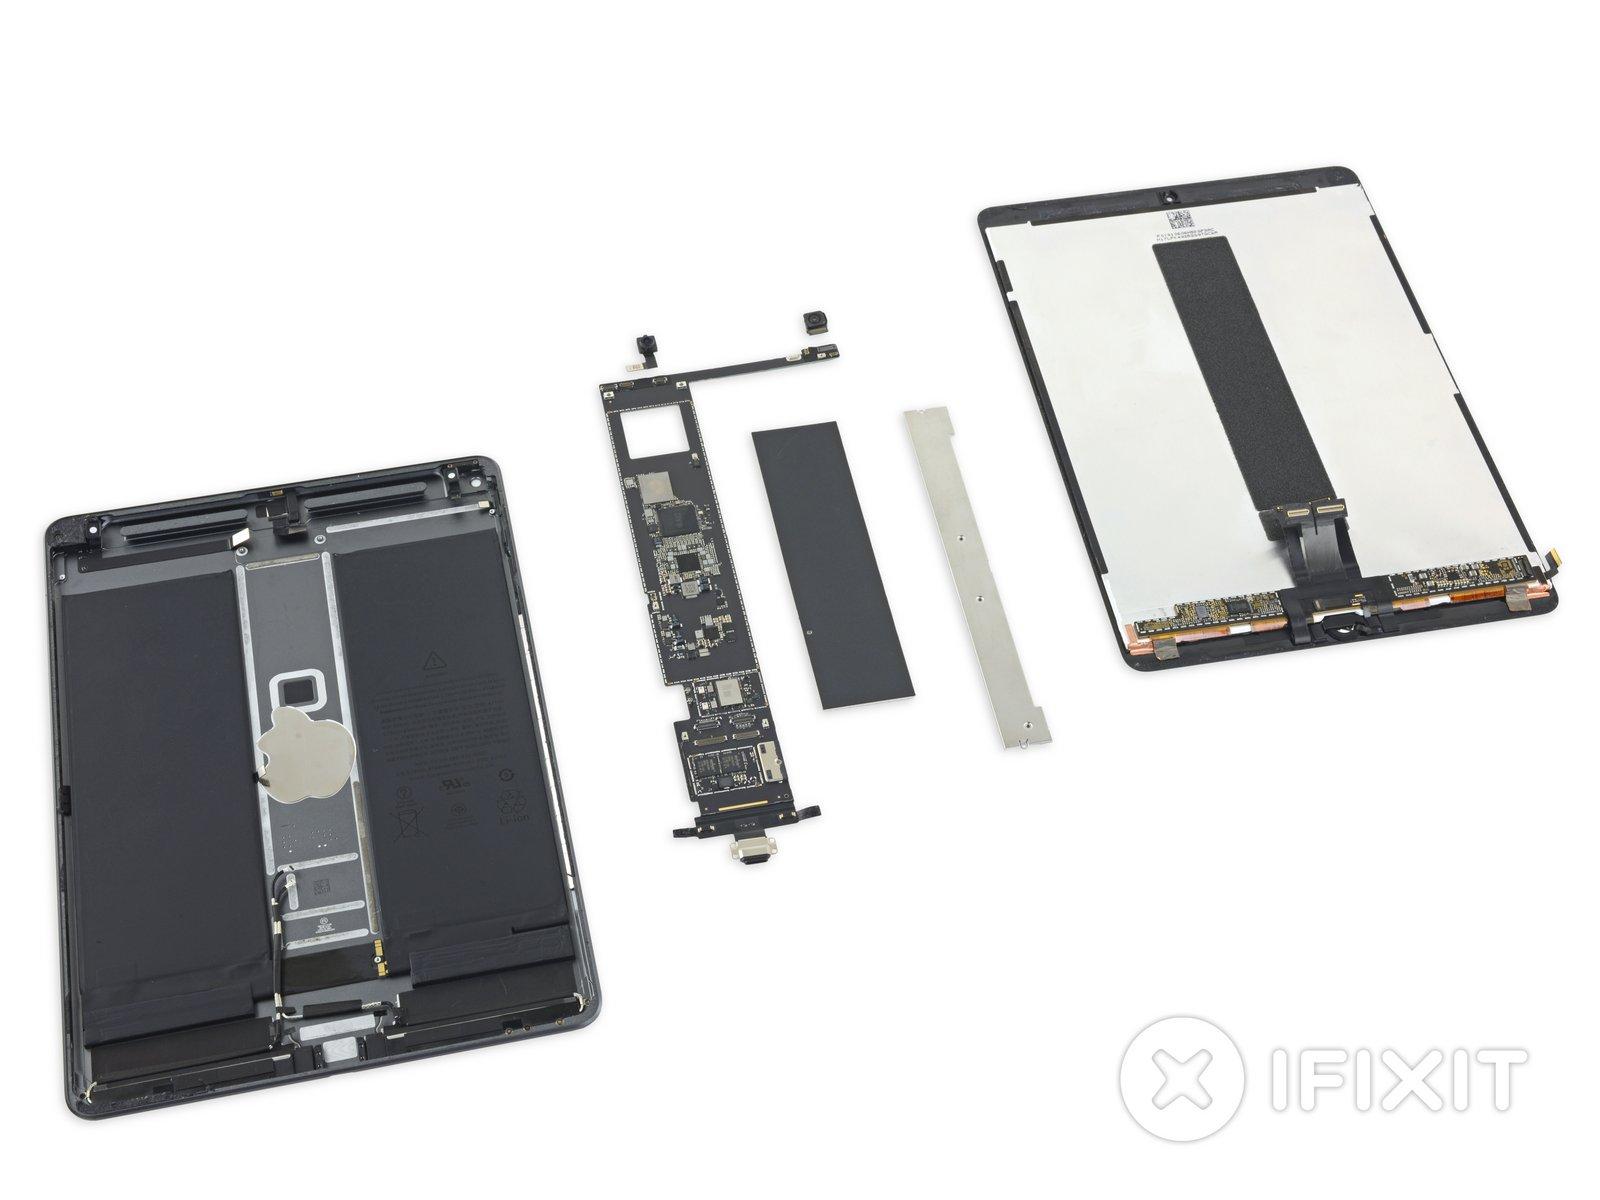 Desmonte do iPad Air 3 do iFixit